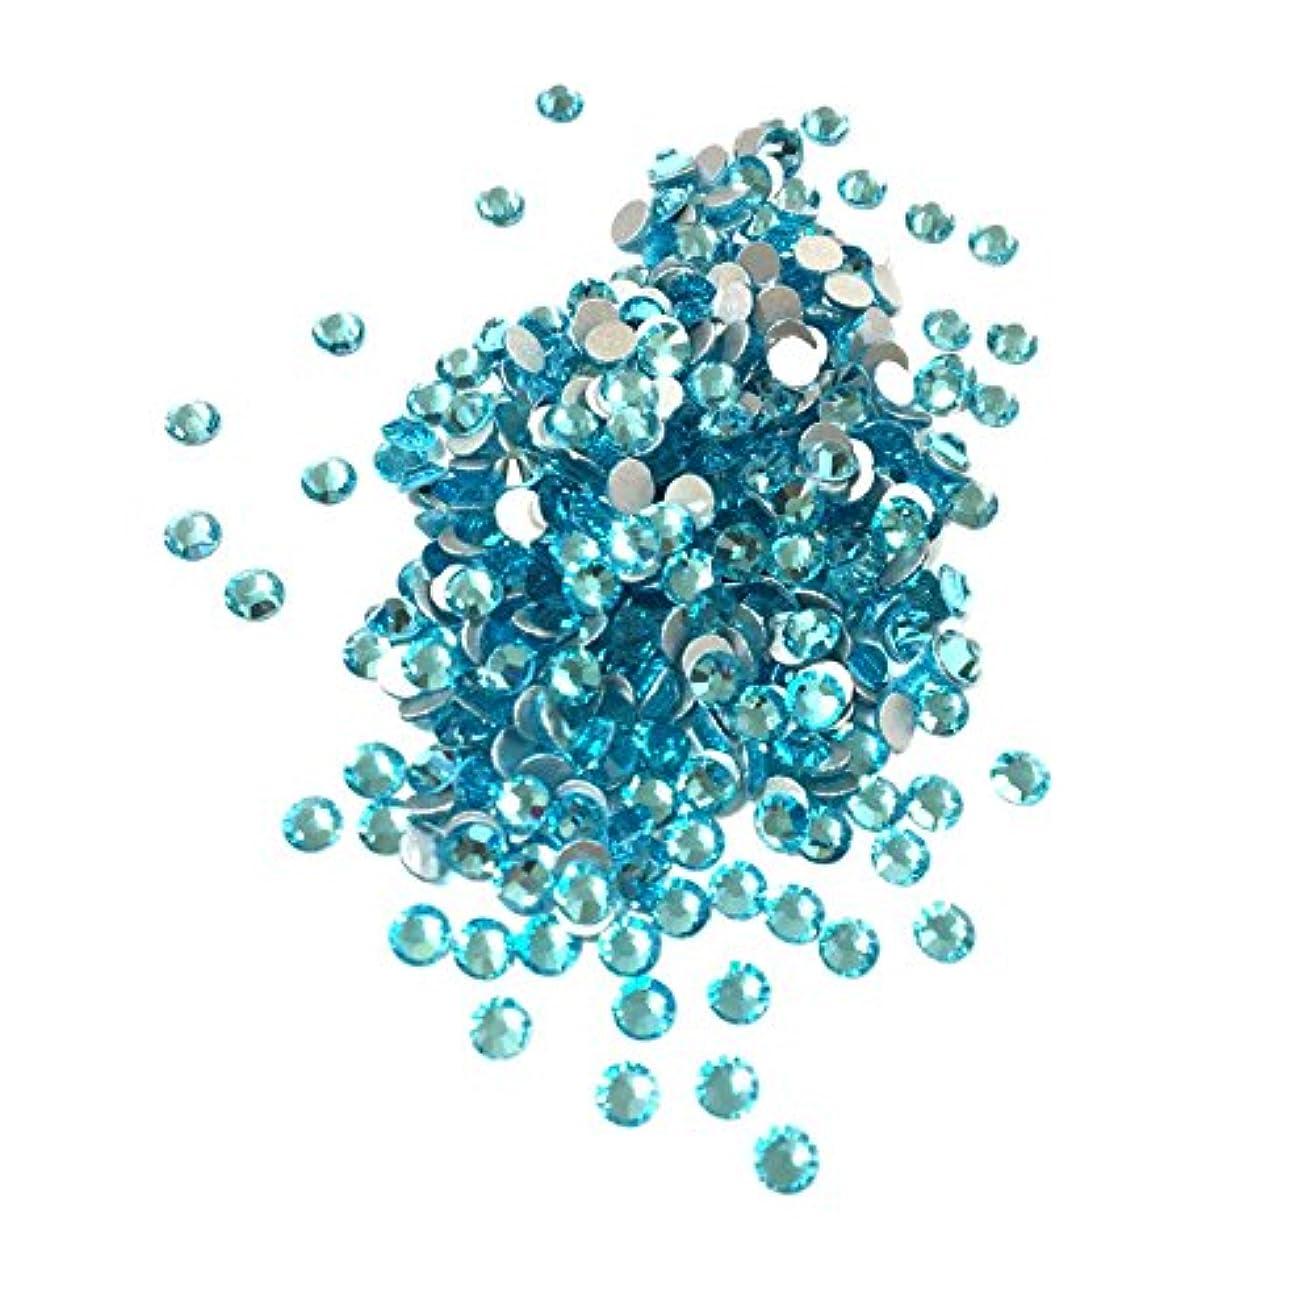 変更火薬なんとなく【ネイルウーマン】最高品質ガラスストーン!スワロ同等の輝き! アクアマリン 水色 ライトブルー (約100粒入り) (SS8, アクアマリン)